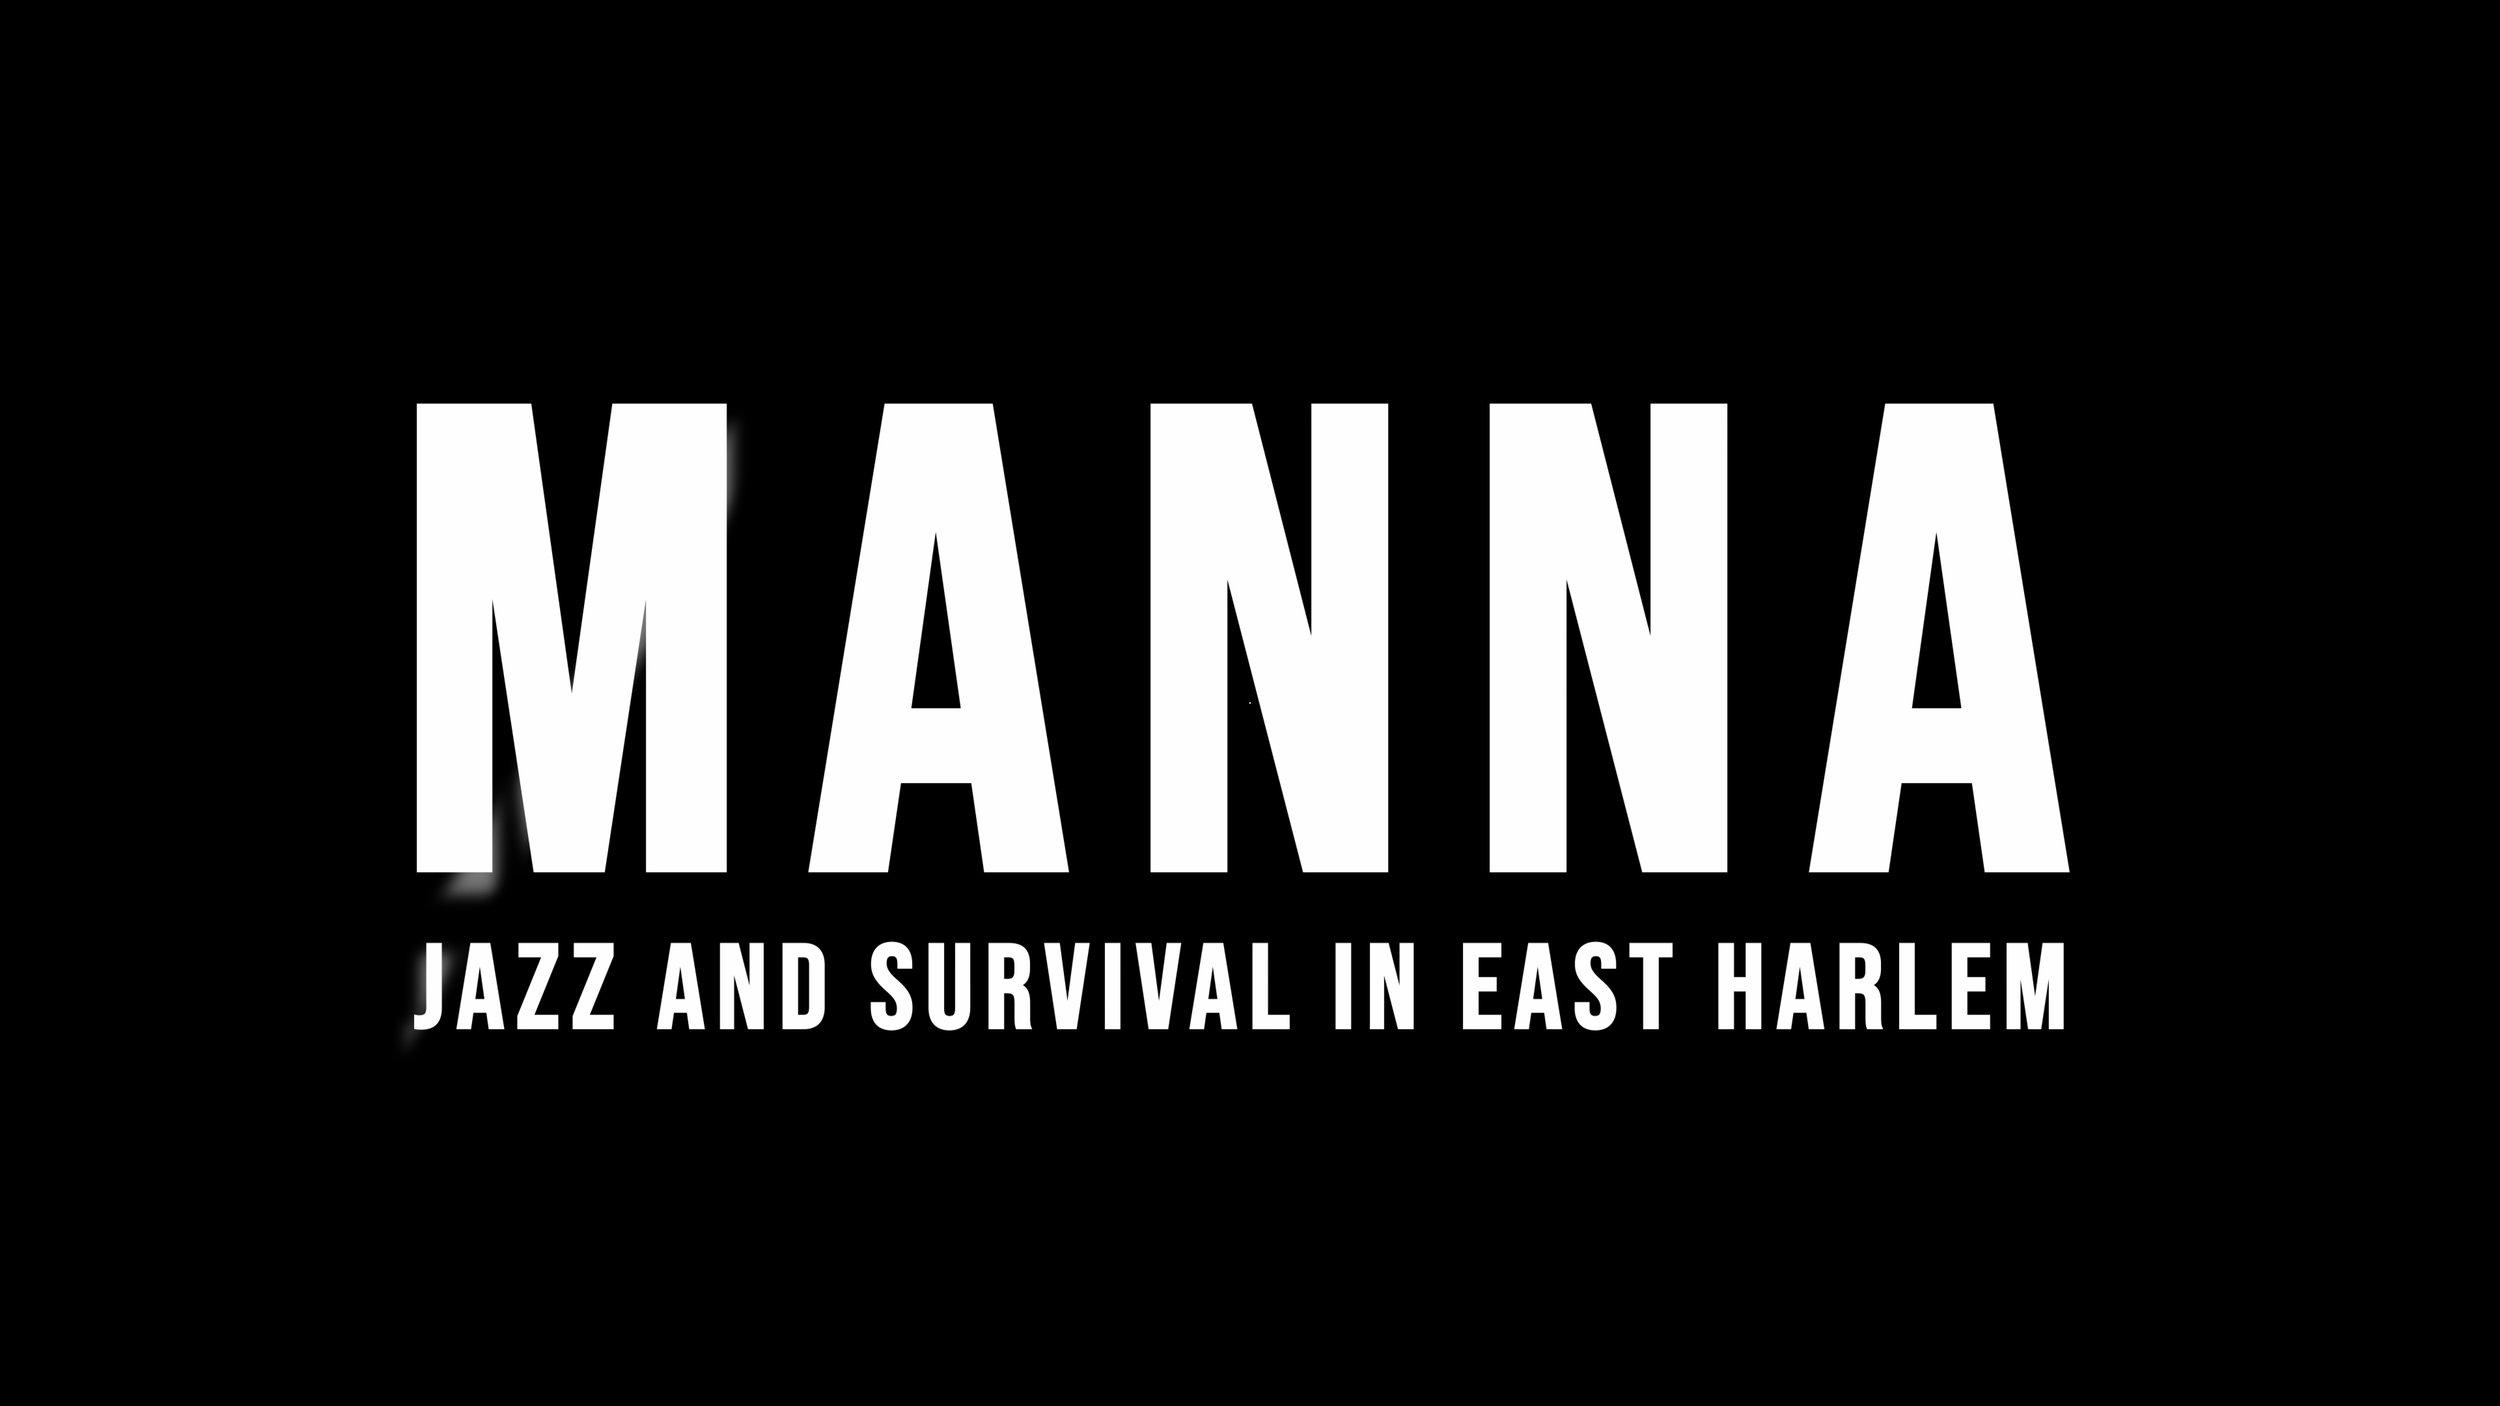 manna screen grab.jpg